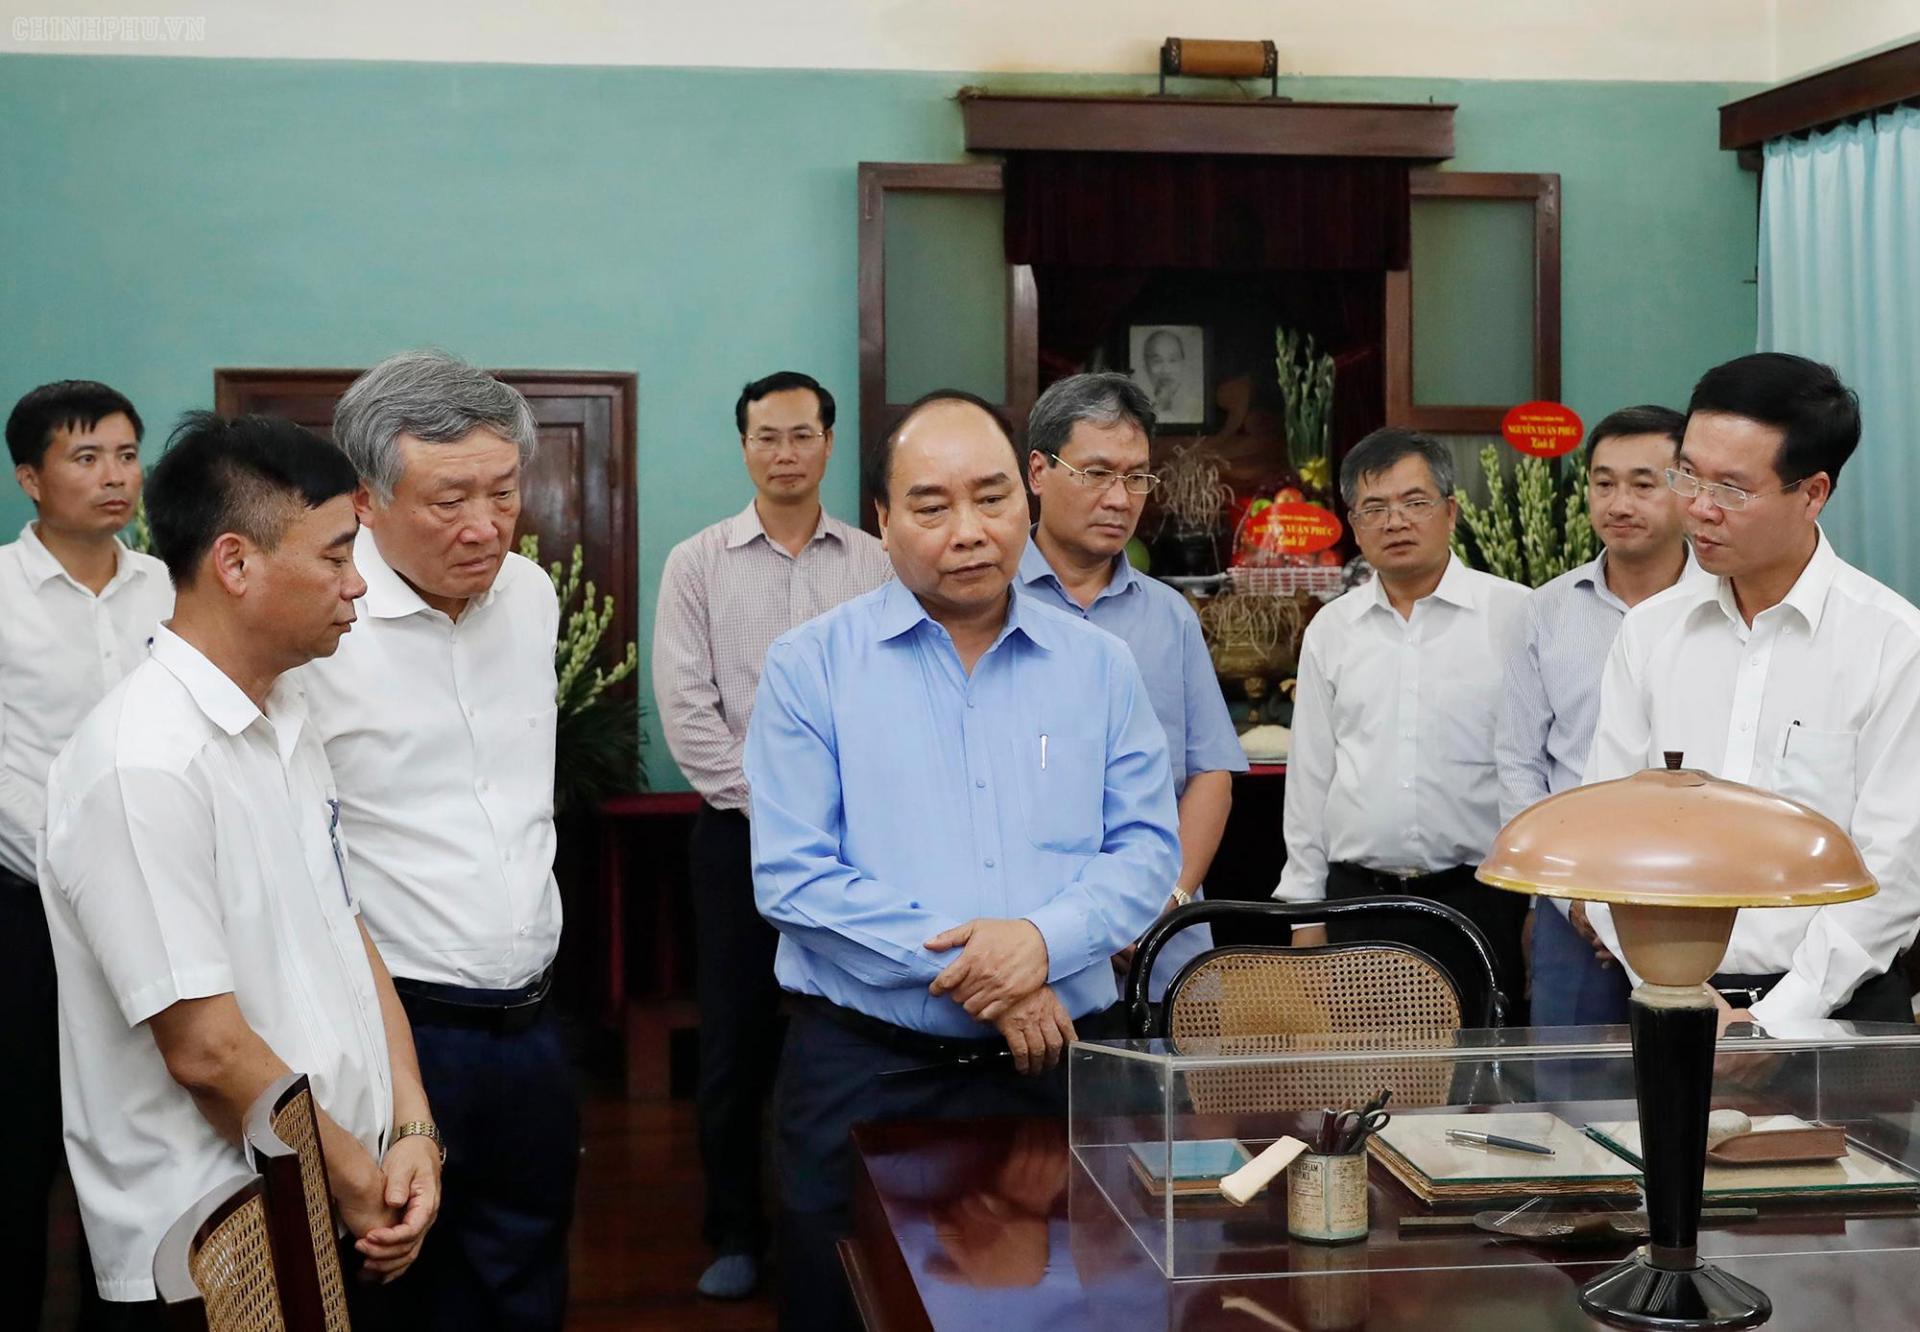 Thủ tướng Nguyễn Xuân Phúc, Trưởng Ban Tuyên giáo Trung ương Võ Văn Thưởng và Chánh án Tòa án nhân dân tối cao Nguyễn Hòa Bình thăm không gian làm việc của Chủ tịch Hồ Chí Minh trong Nhà 67.